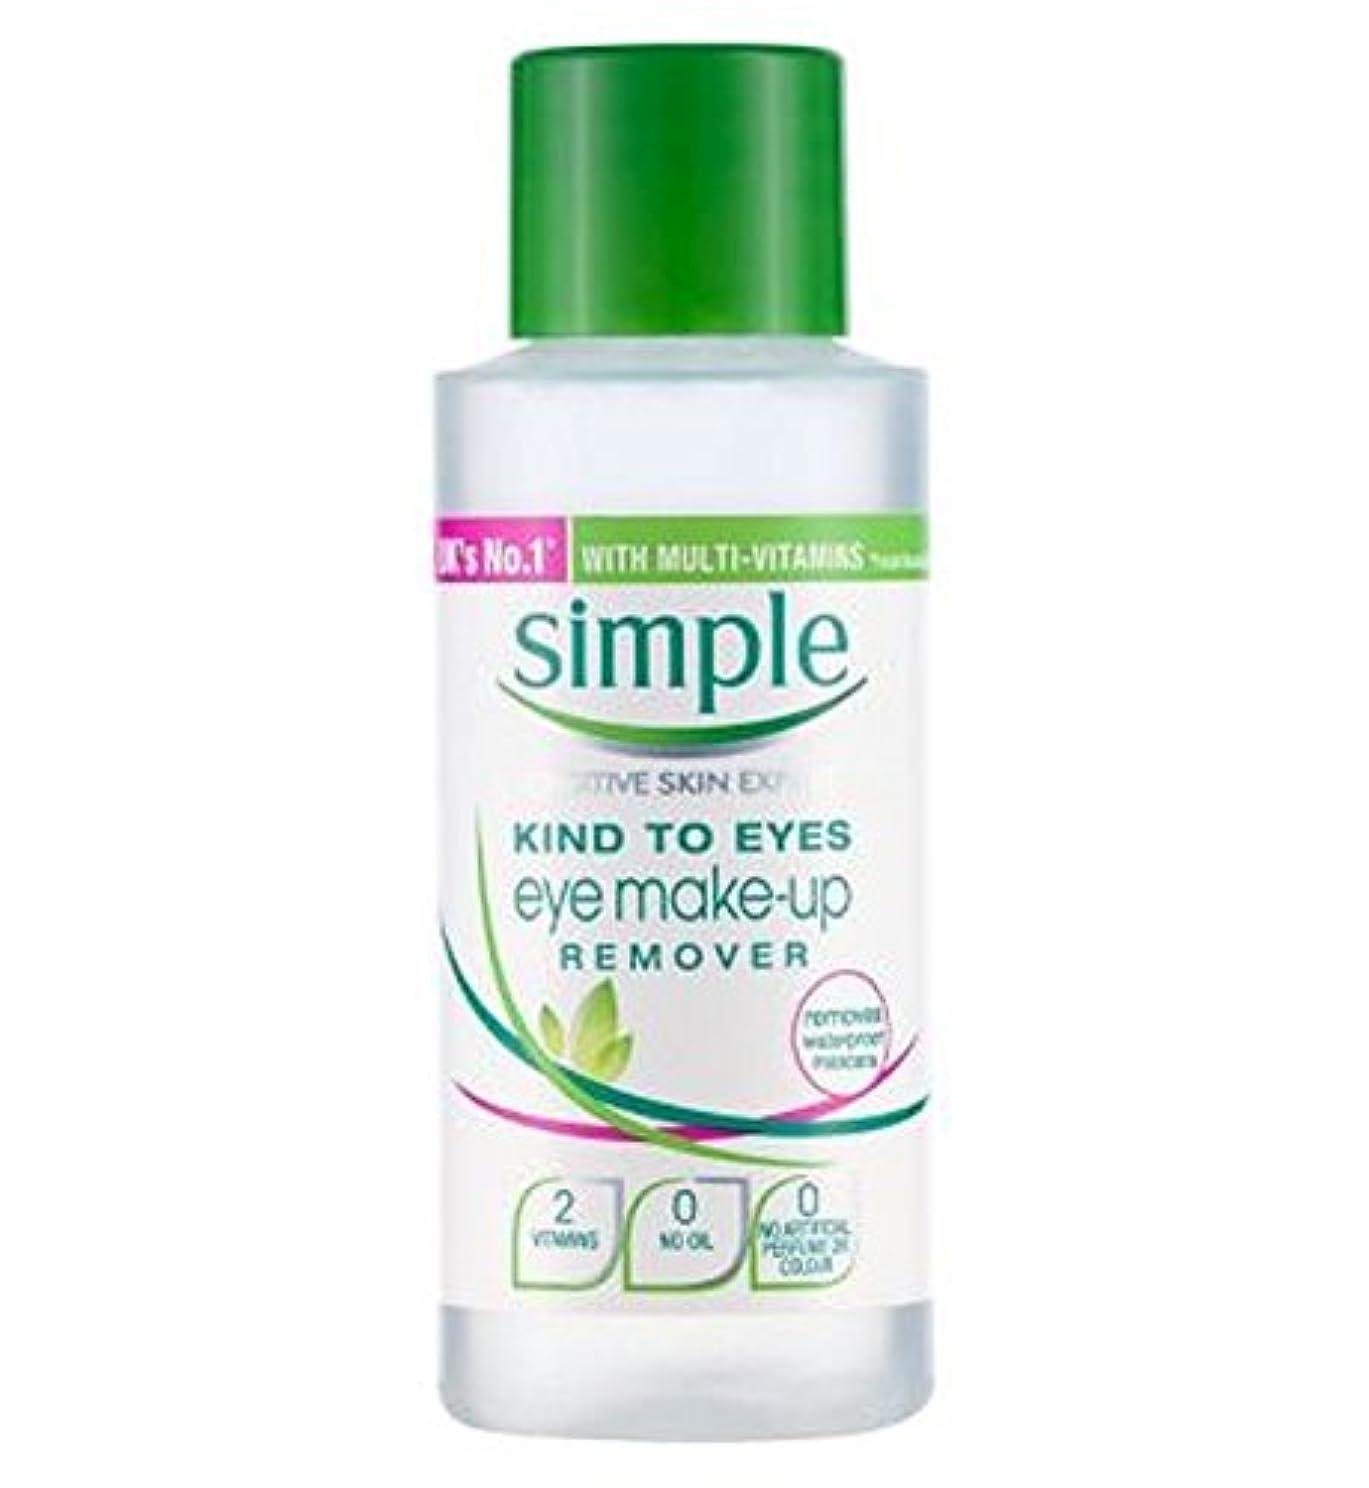 加速度免疫する失目のアイメイクアップリムーバーの50ミリリットルへの単純な種類 (Simple) (x2) - Simple Kind to Eyes Eye Make-Up Remover 50ml (Pack of 2) [並行輸入品]